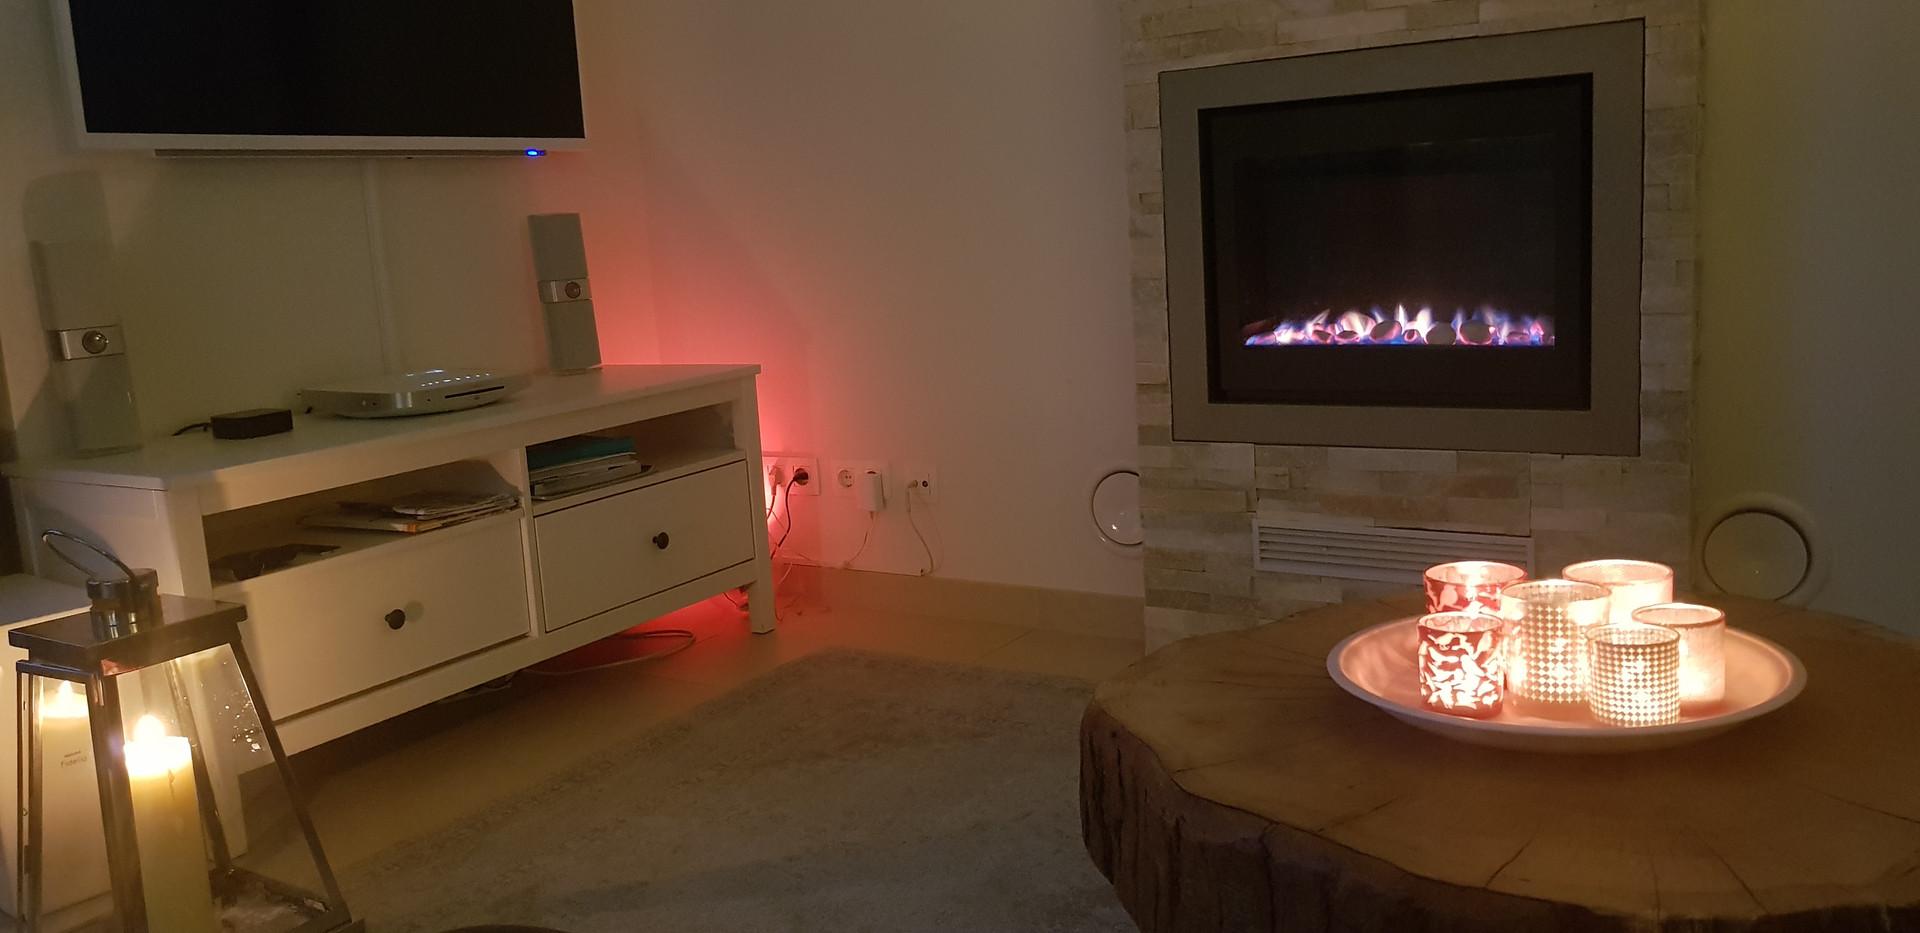 Wohnzimmer luxeriös Ferienwohnung Cadzand Sonos